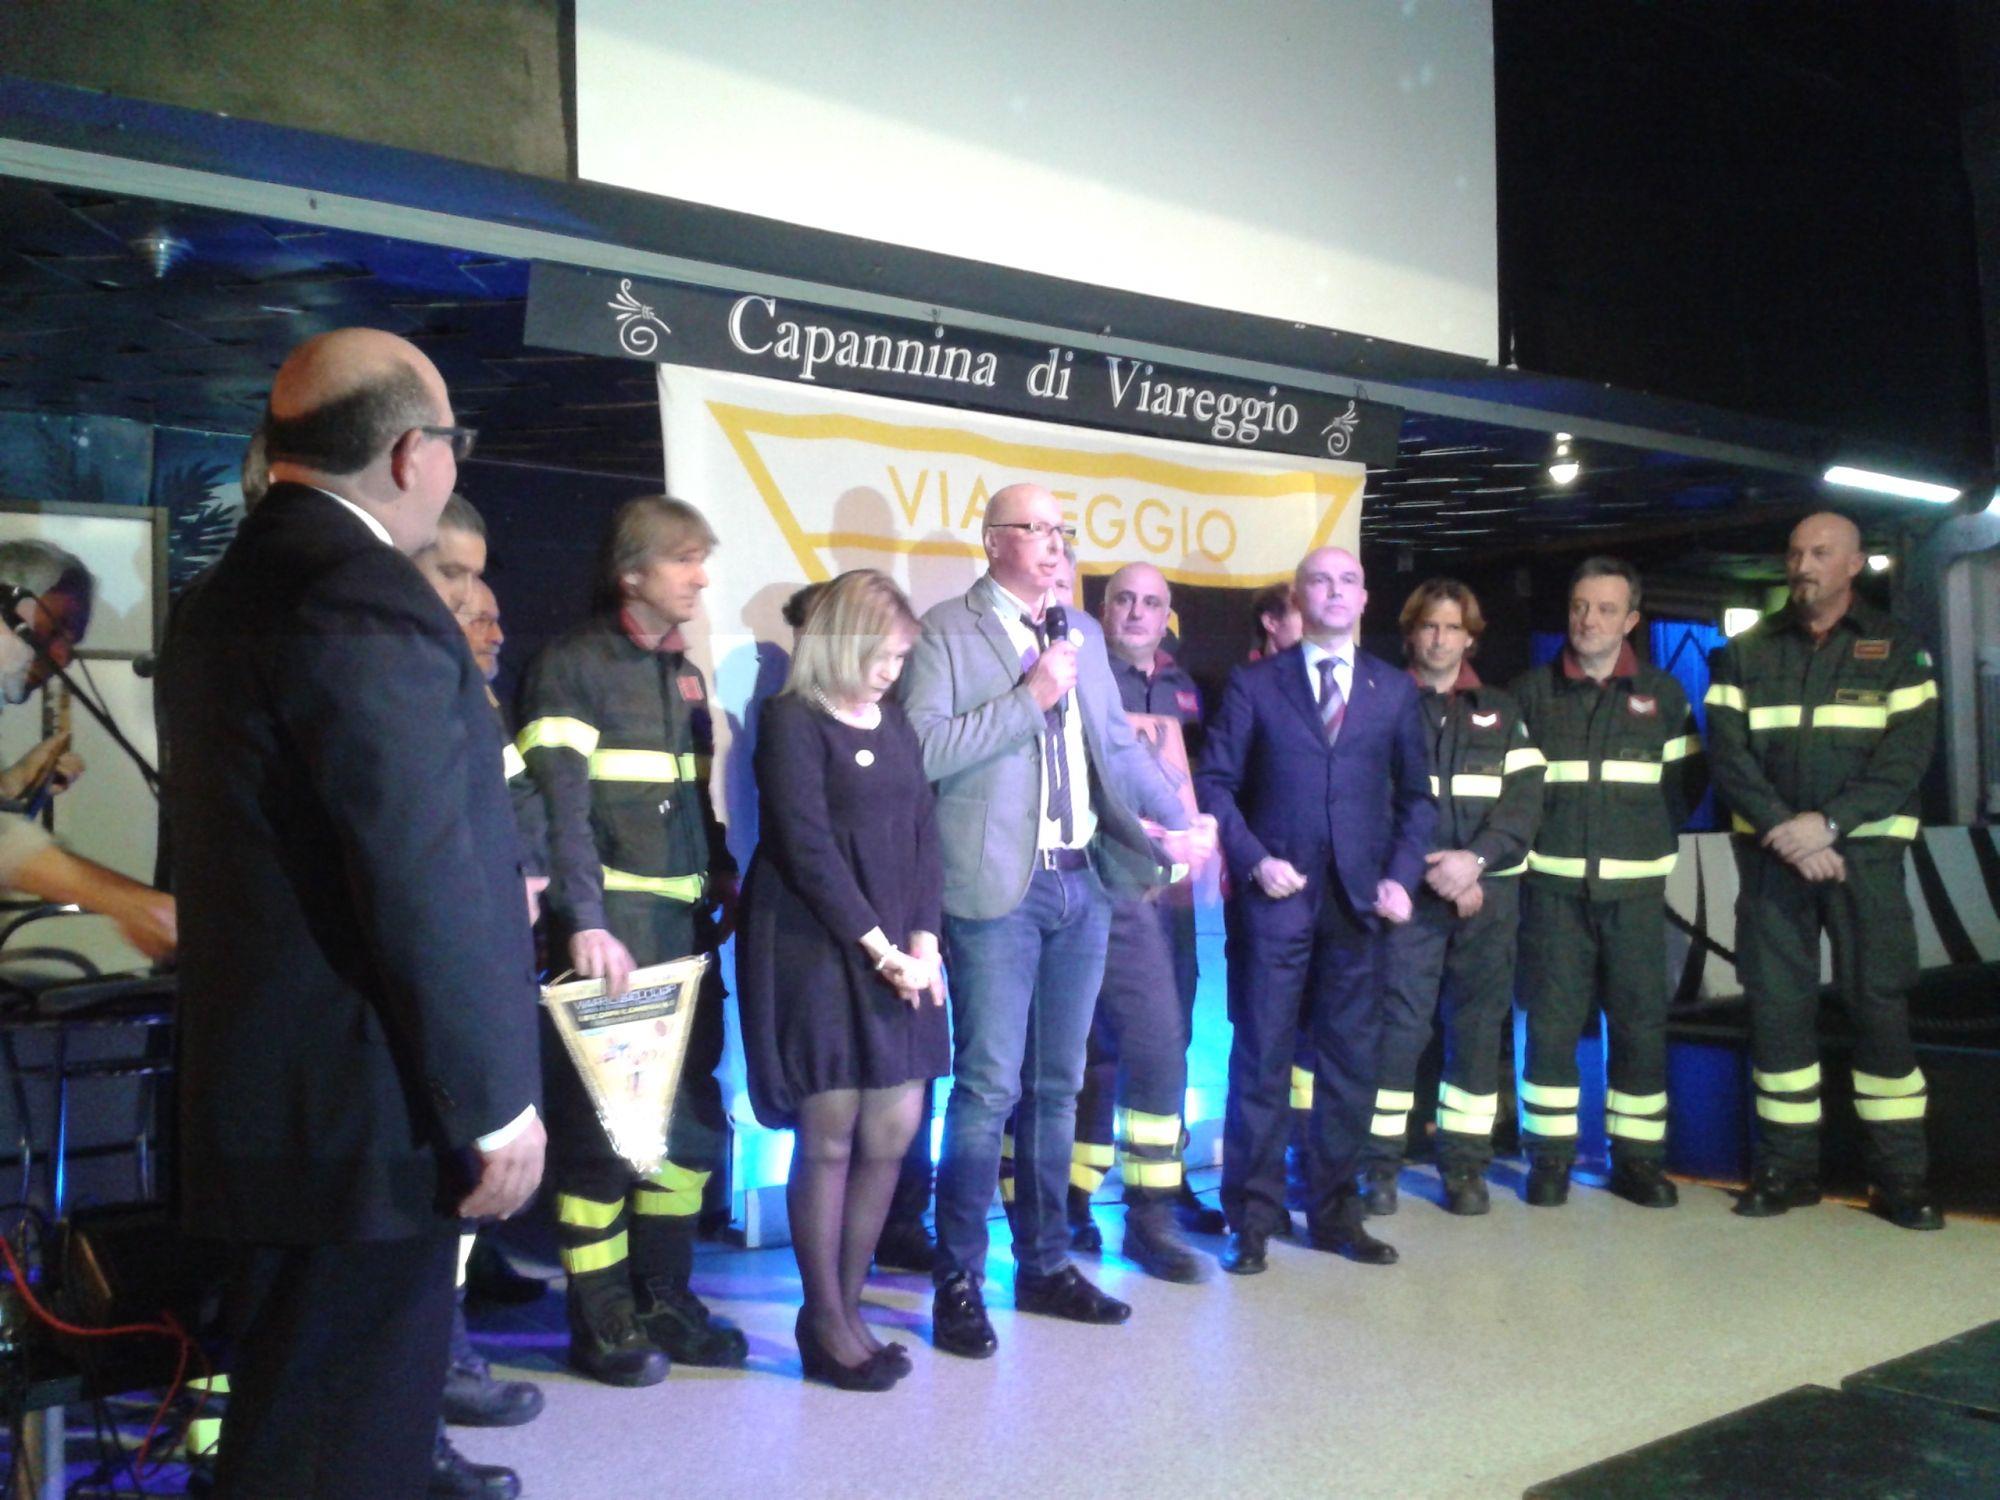 Il Cgc premia i vigili del fuoco intervenuti la notte della strage